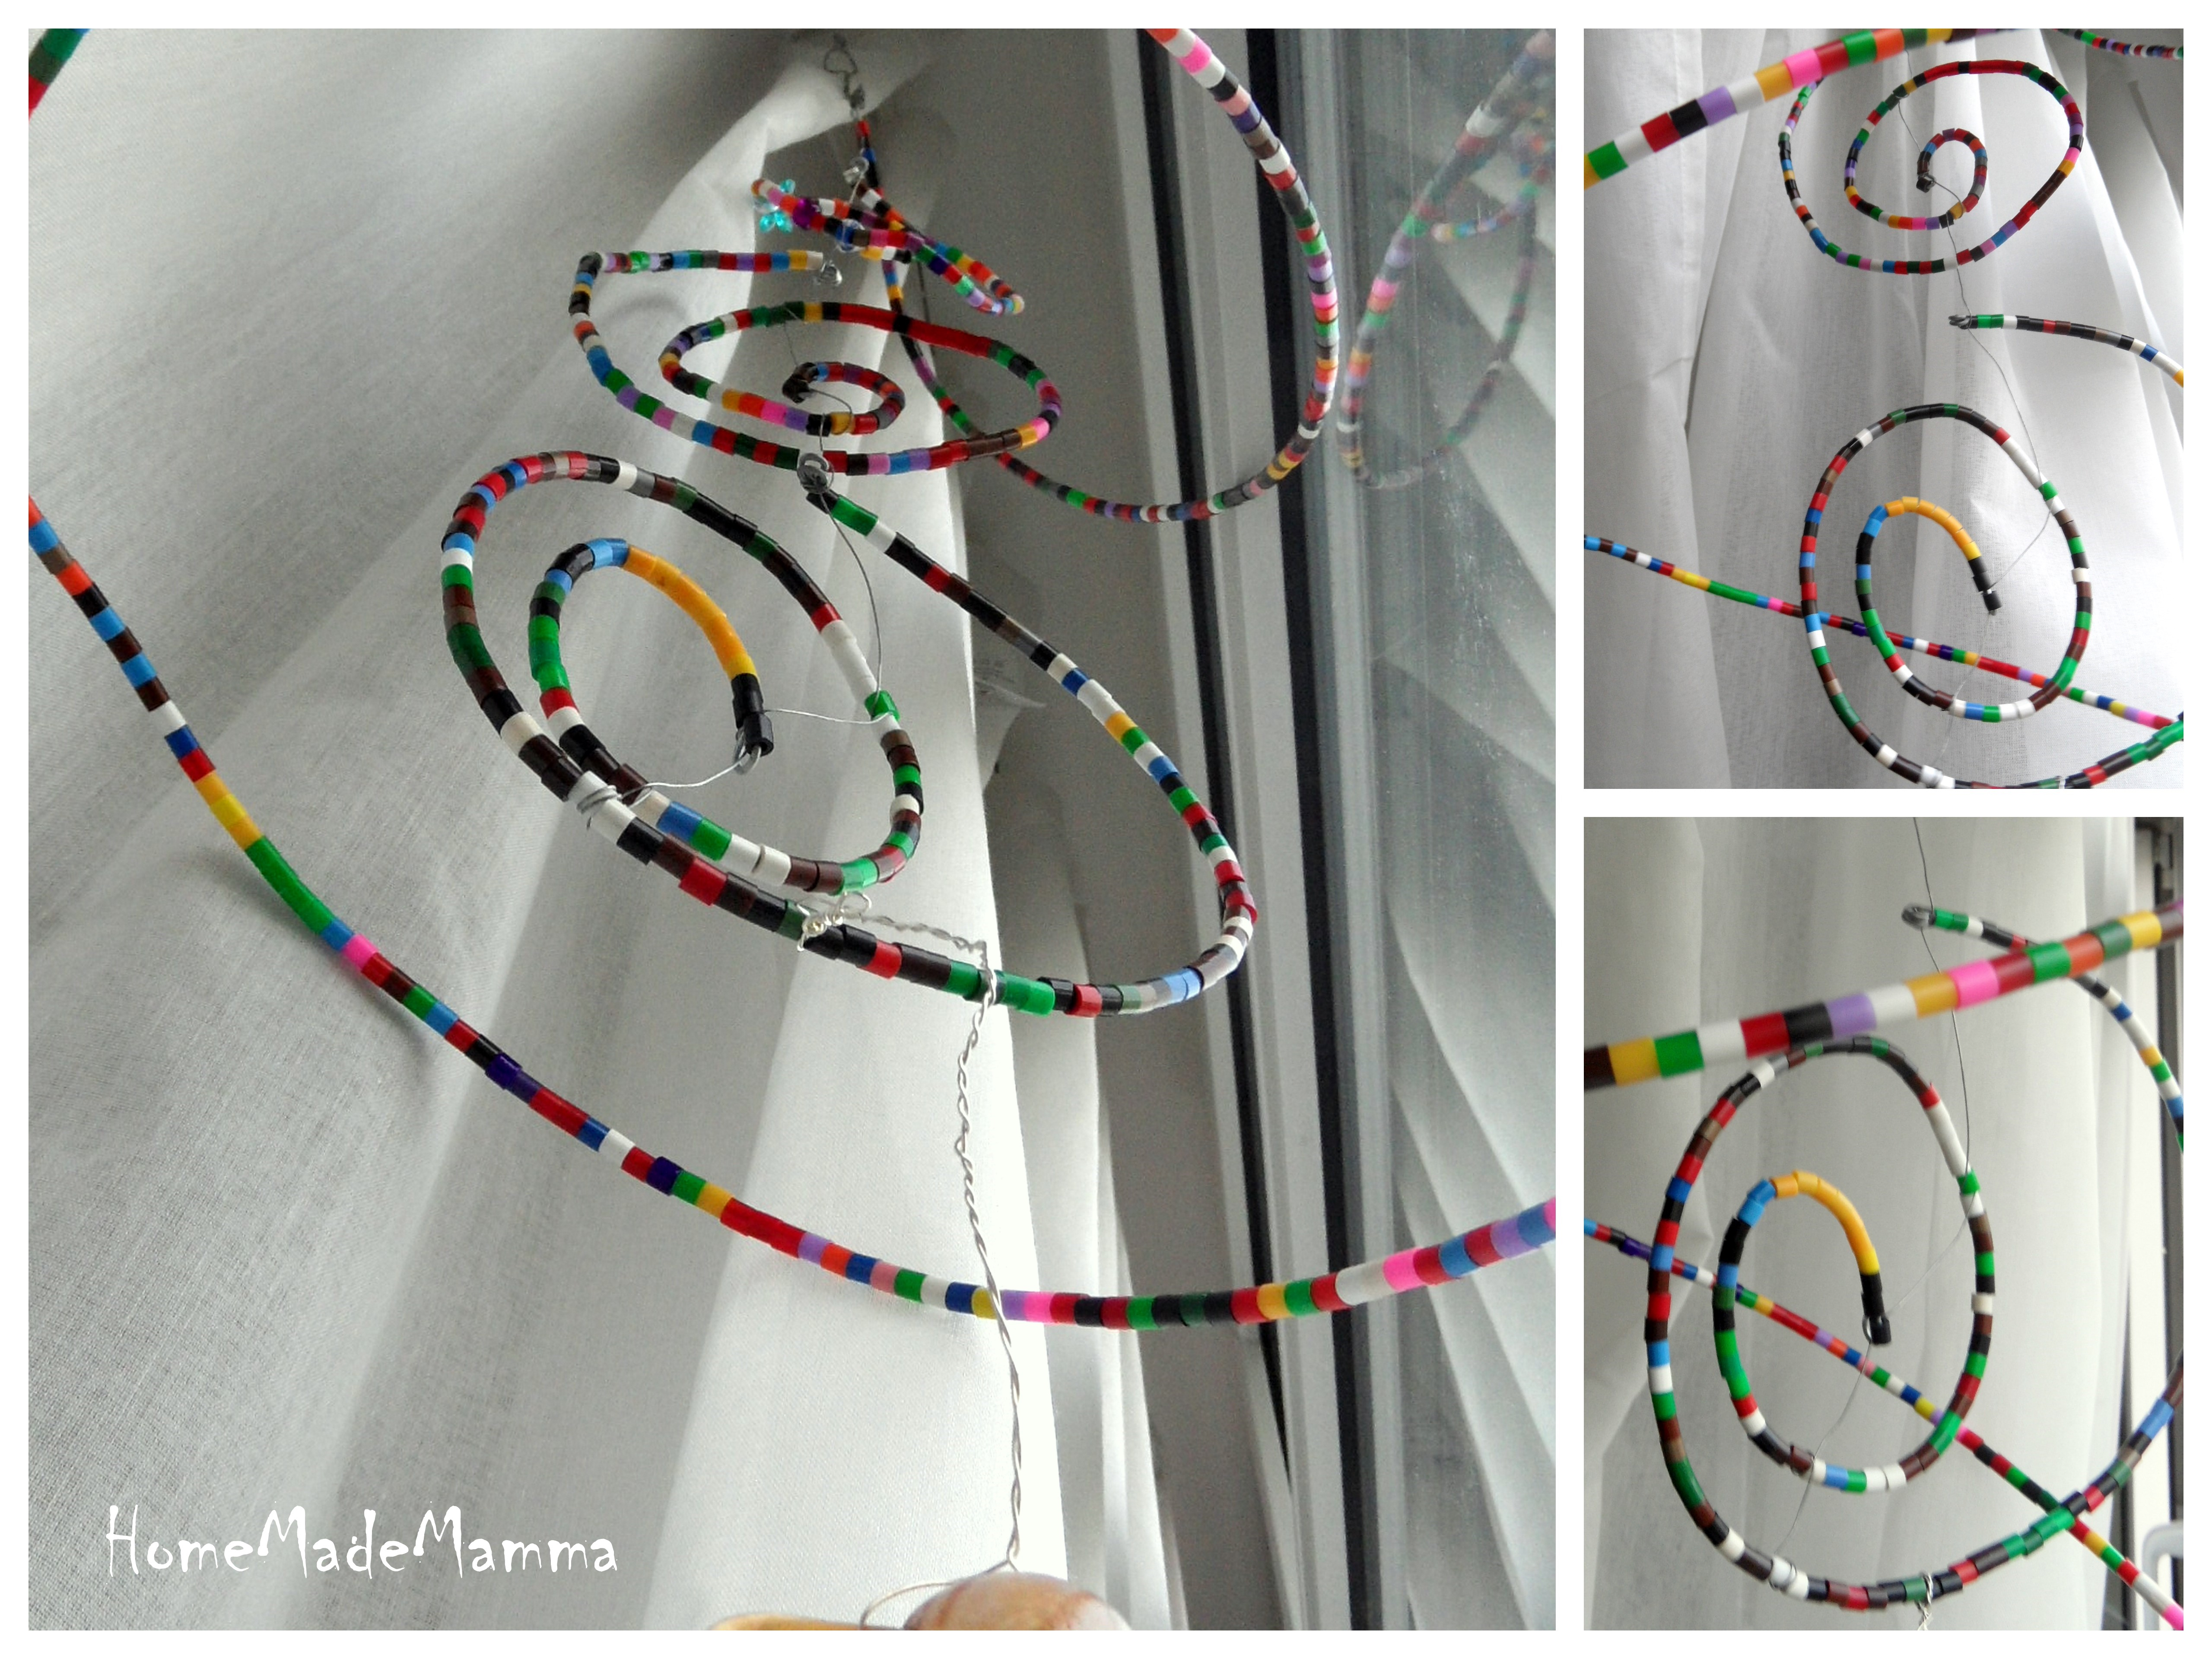 Decorare Finestre Per Natale Scuola la spirale di perline: decorazioni di natale fatte dai bambini